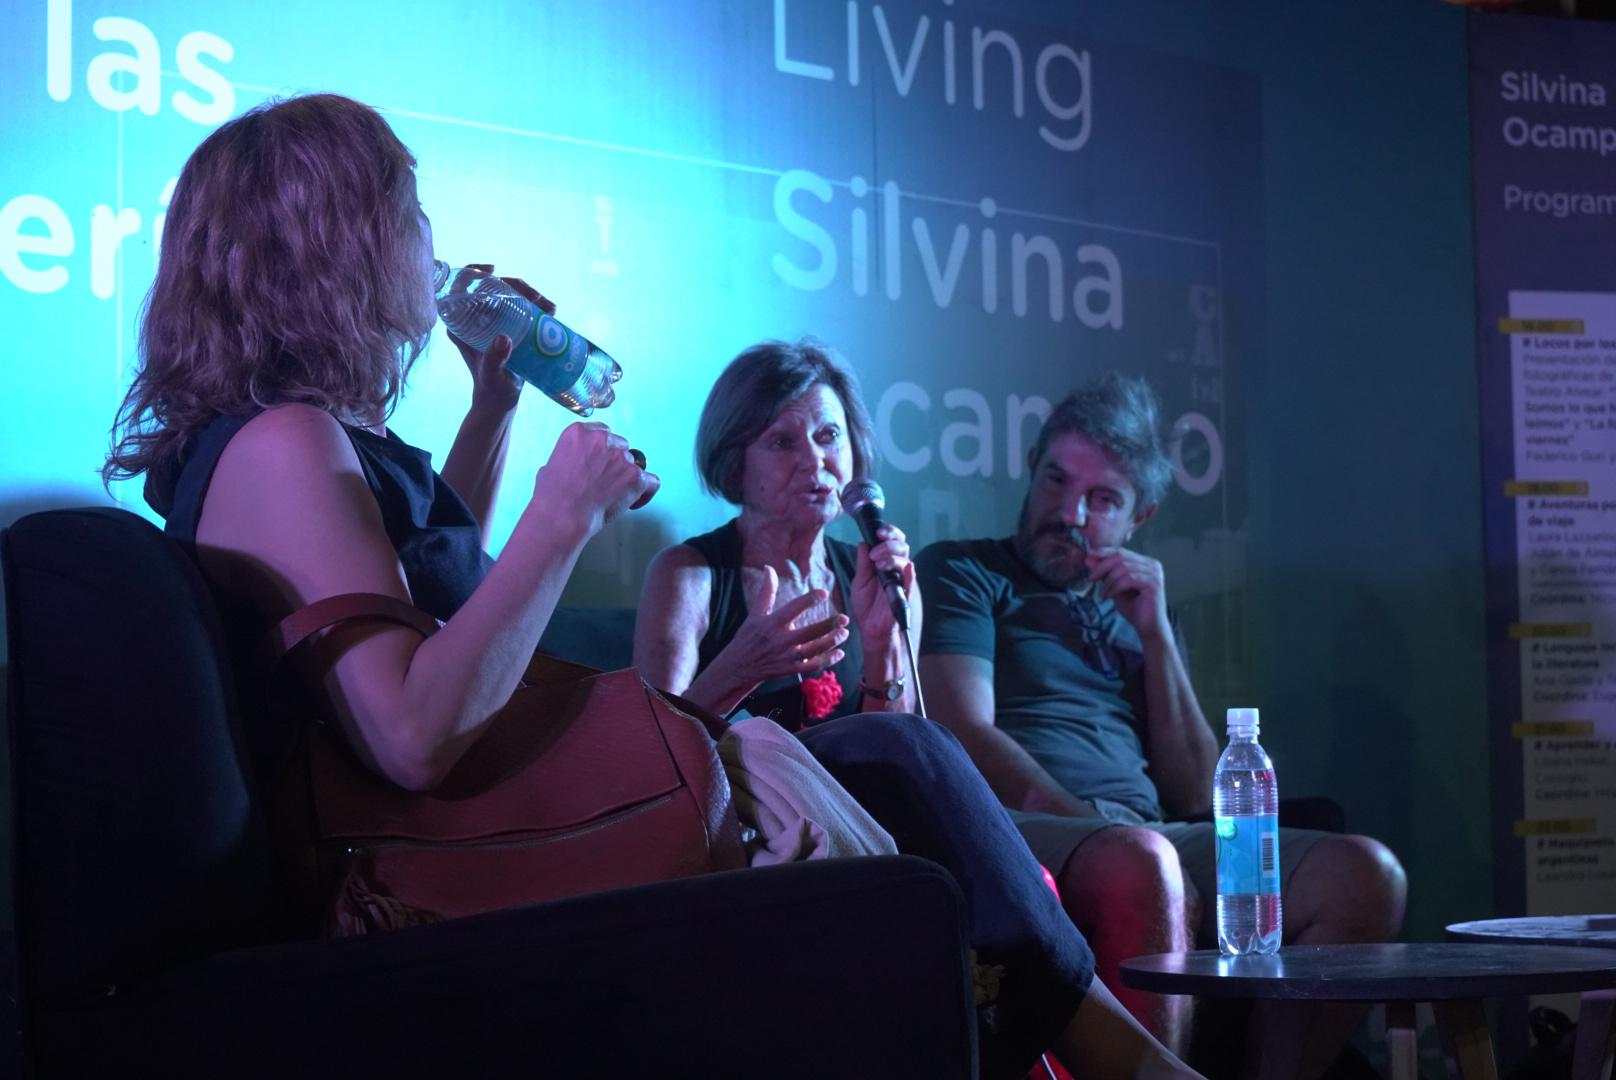 Una de las autoras dando una charla abierta al público.